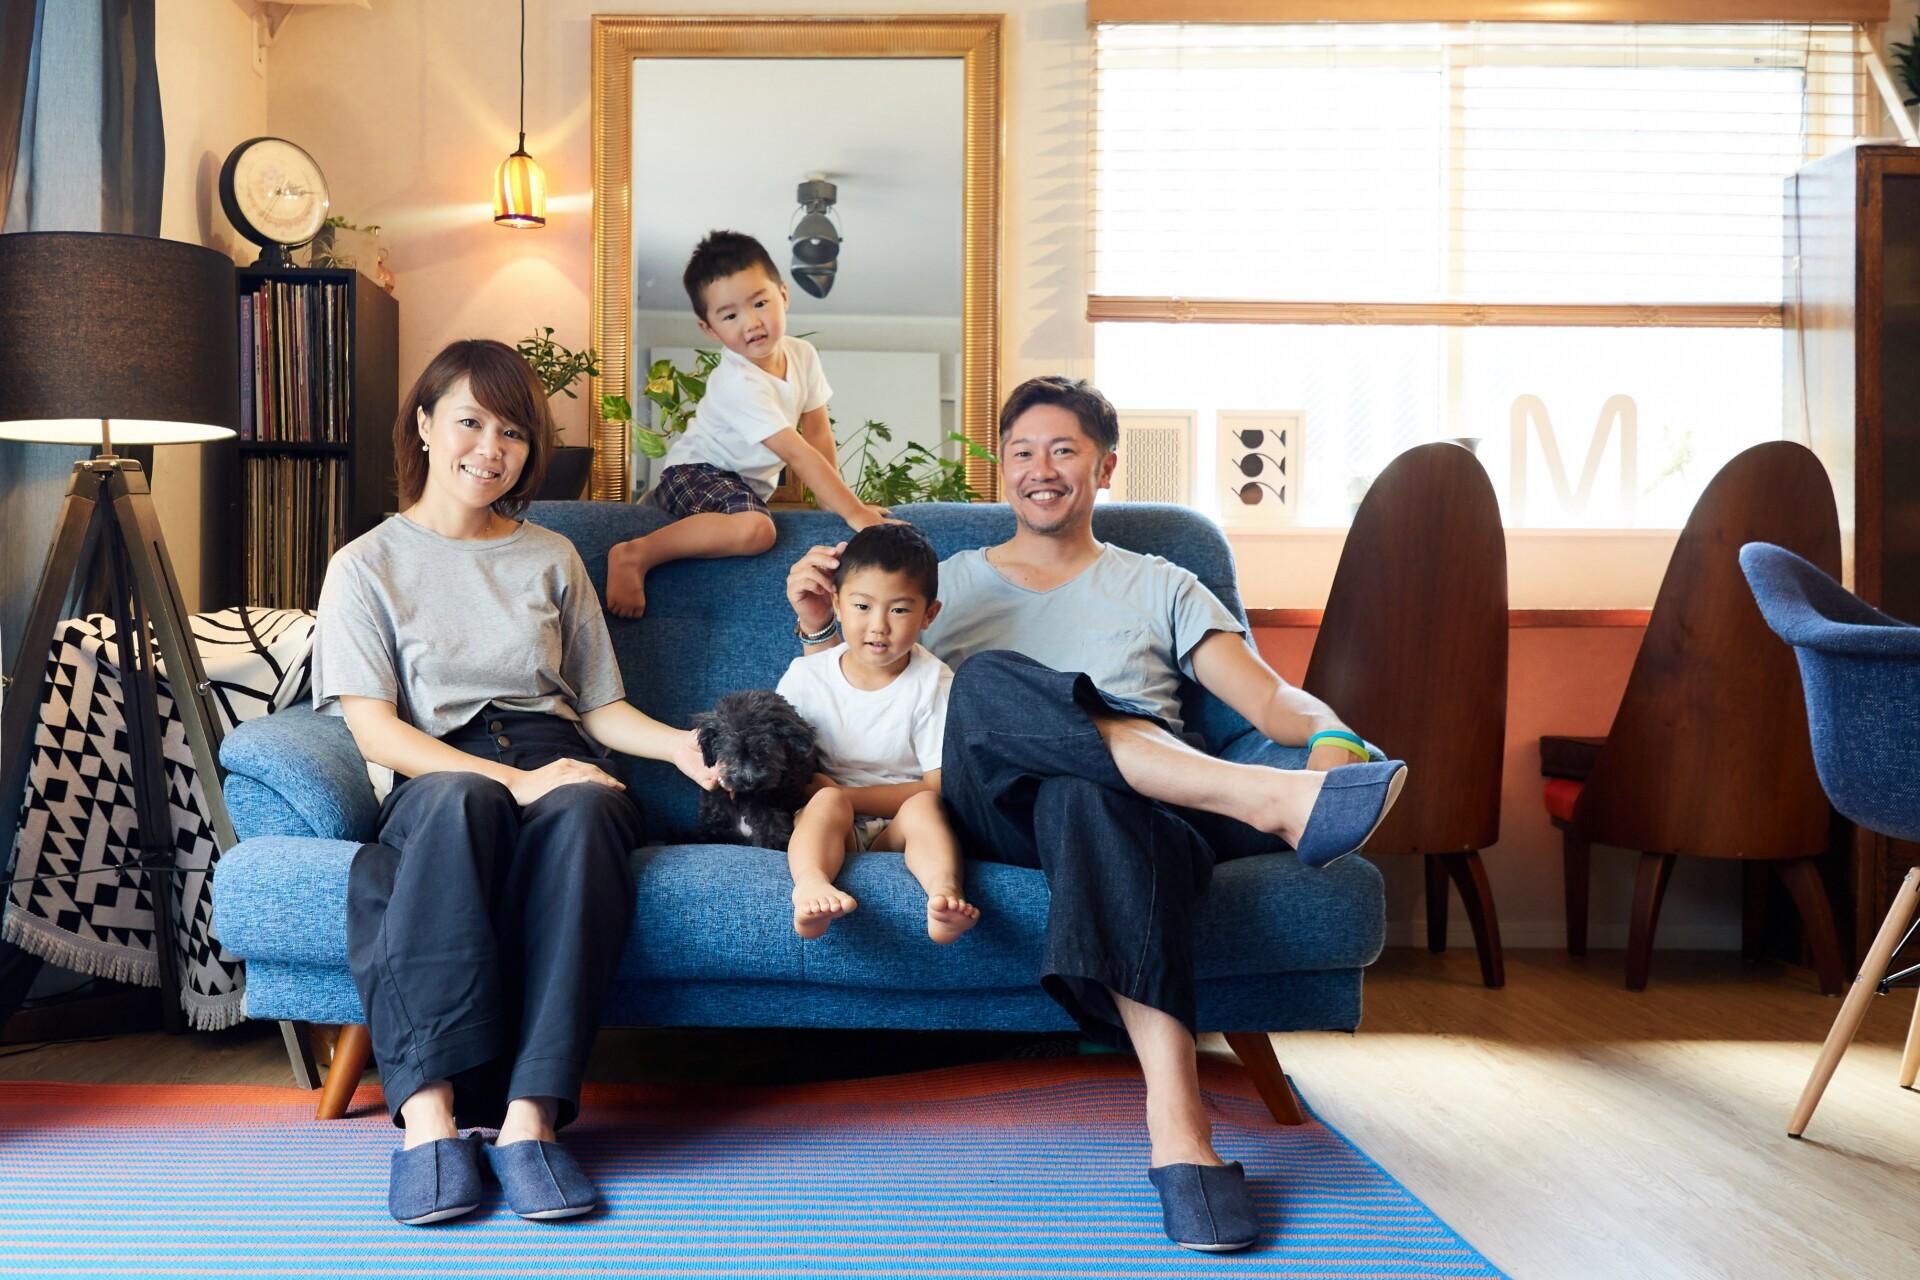 日本は年々寿命が伸び、世界一の長寿国としても有名である